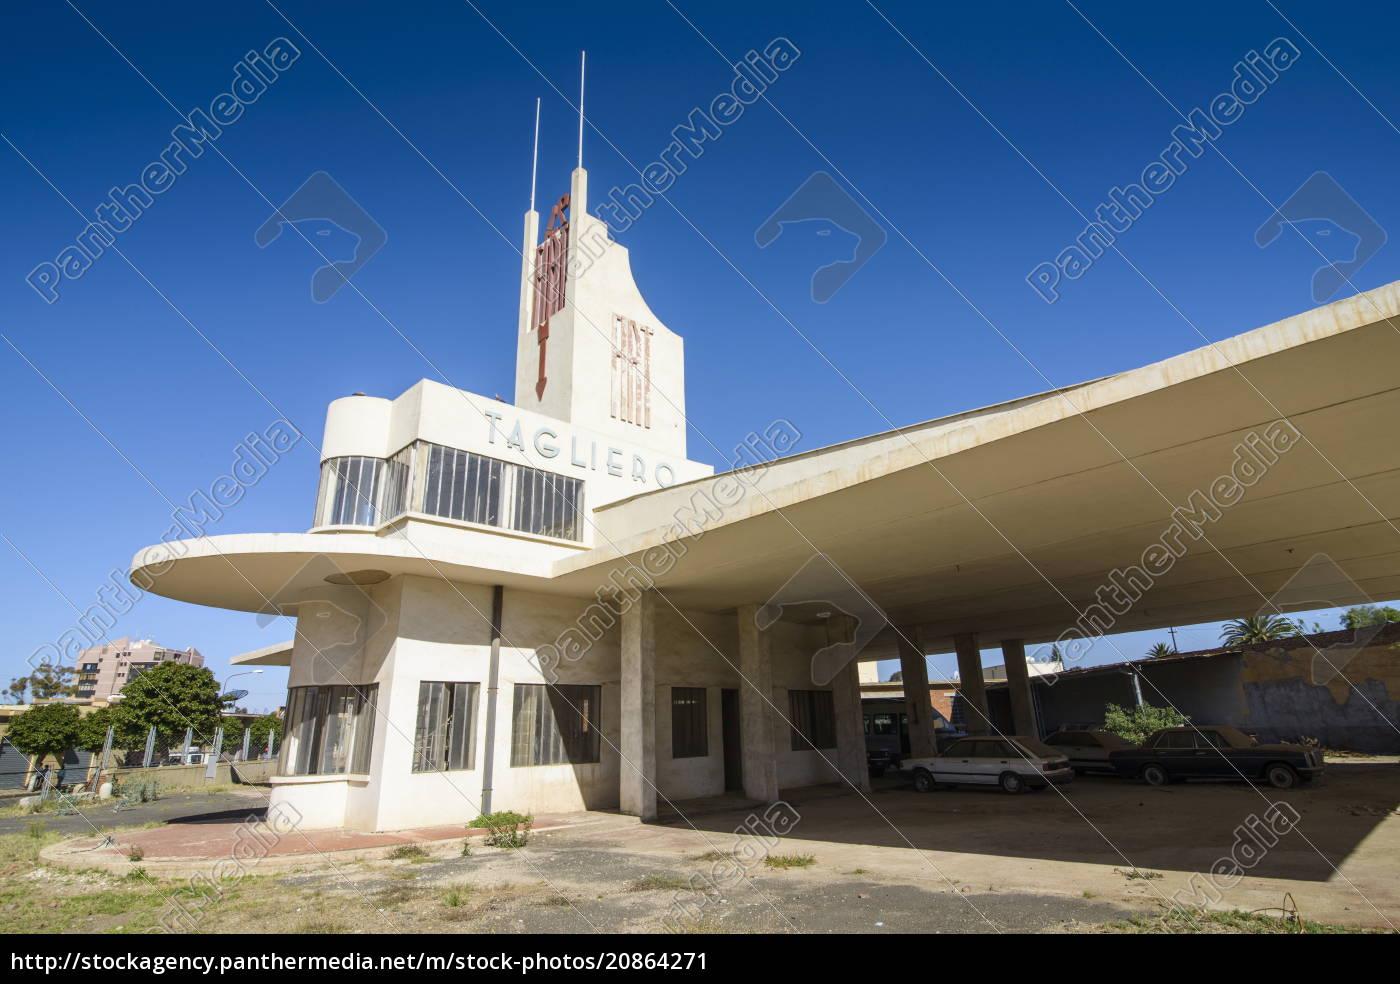 fiat, tagliero, asmara, die, hauptstadt, von, eritrea, afrika - 20864271